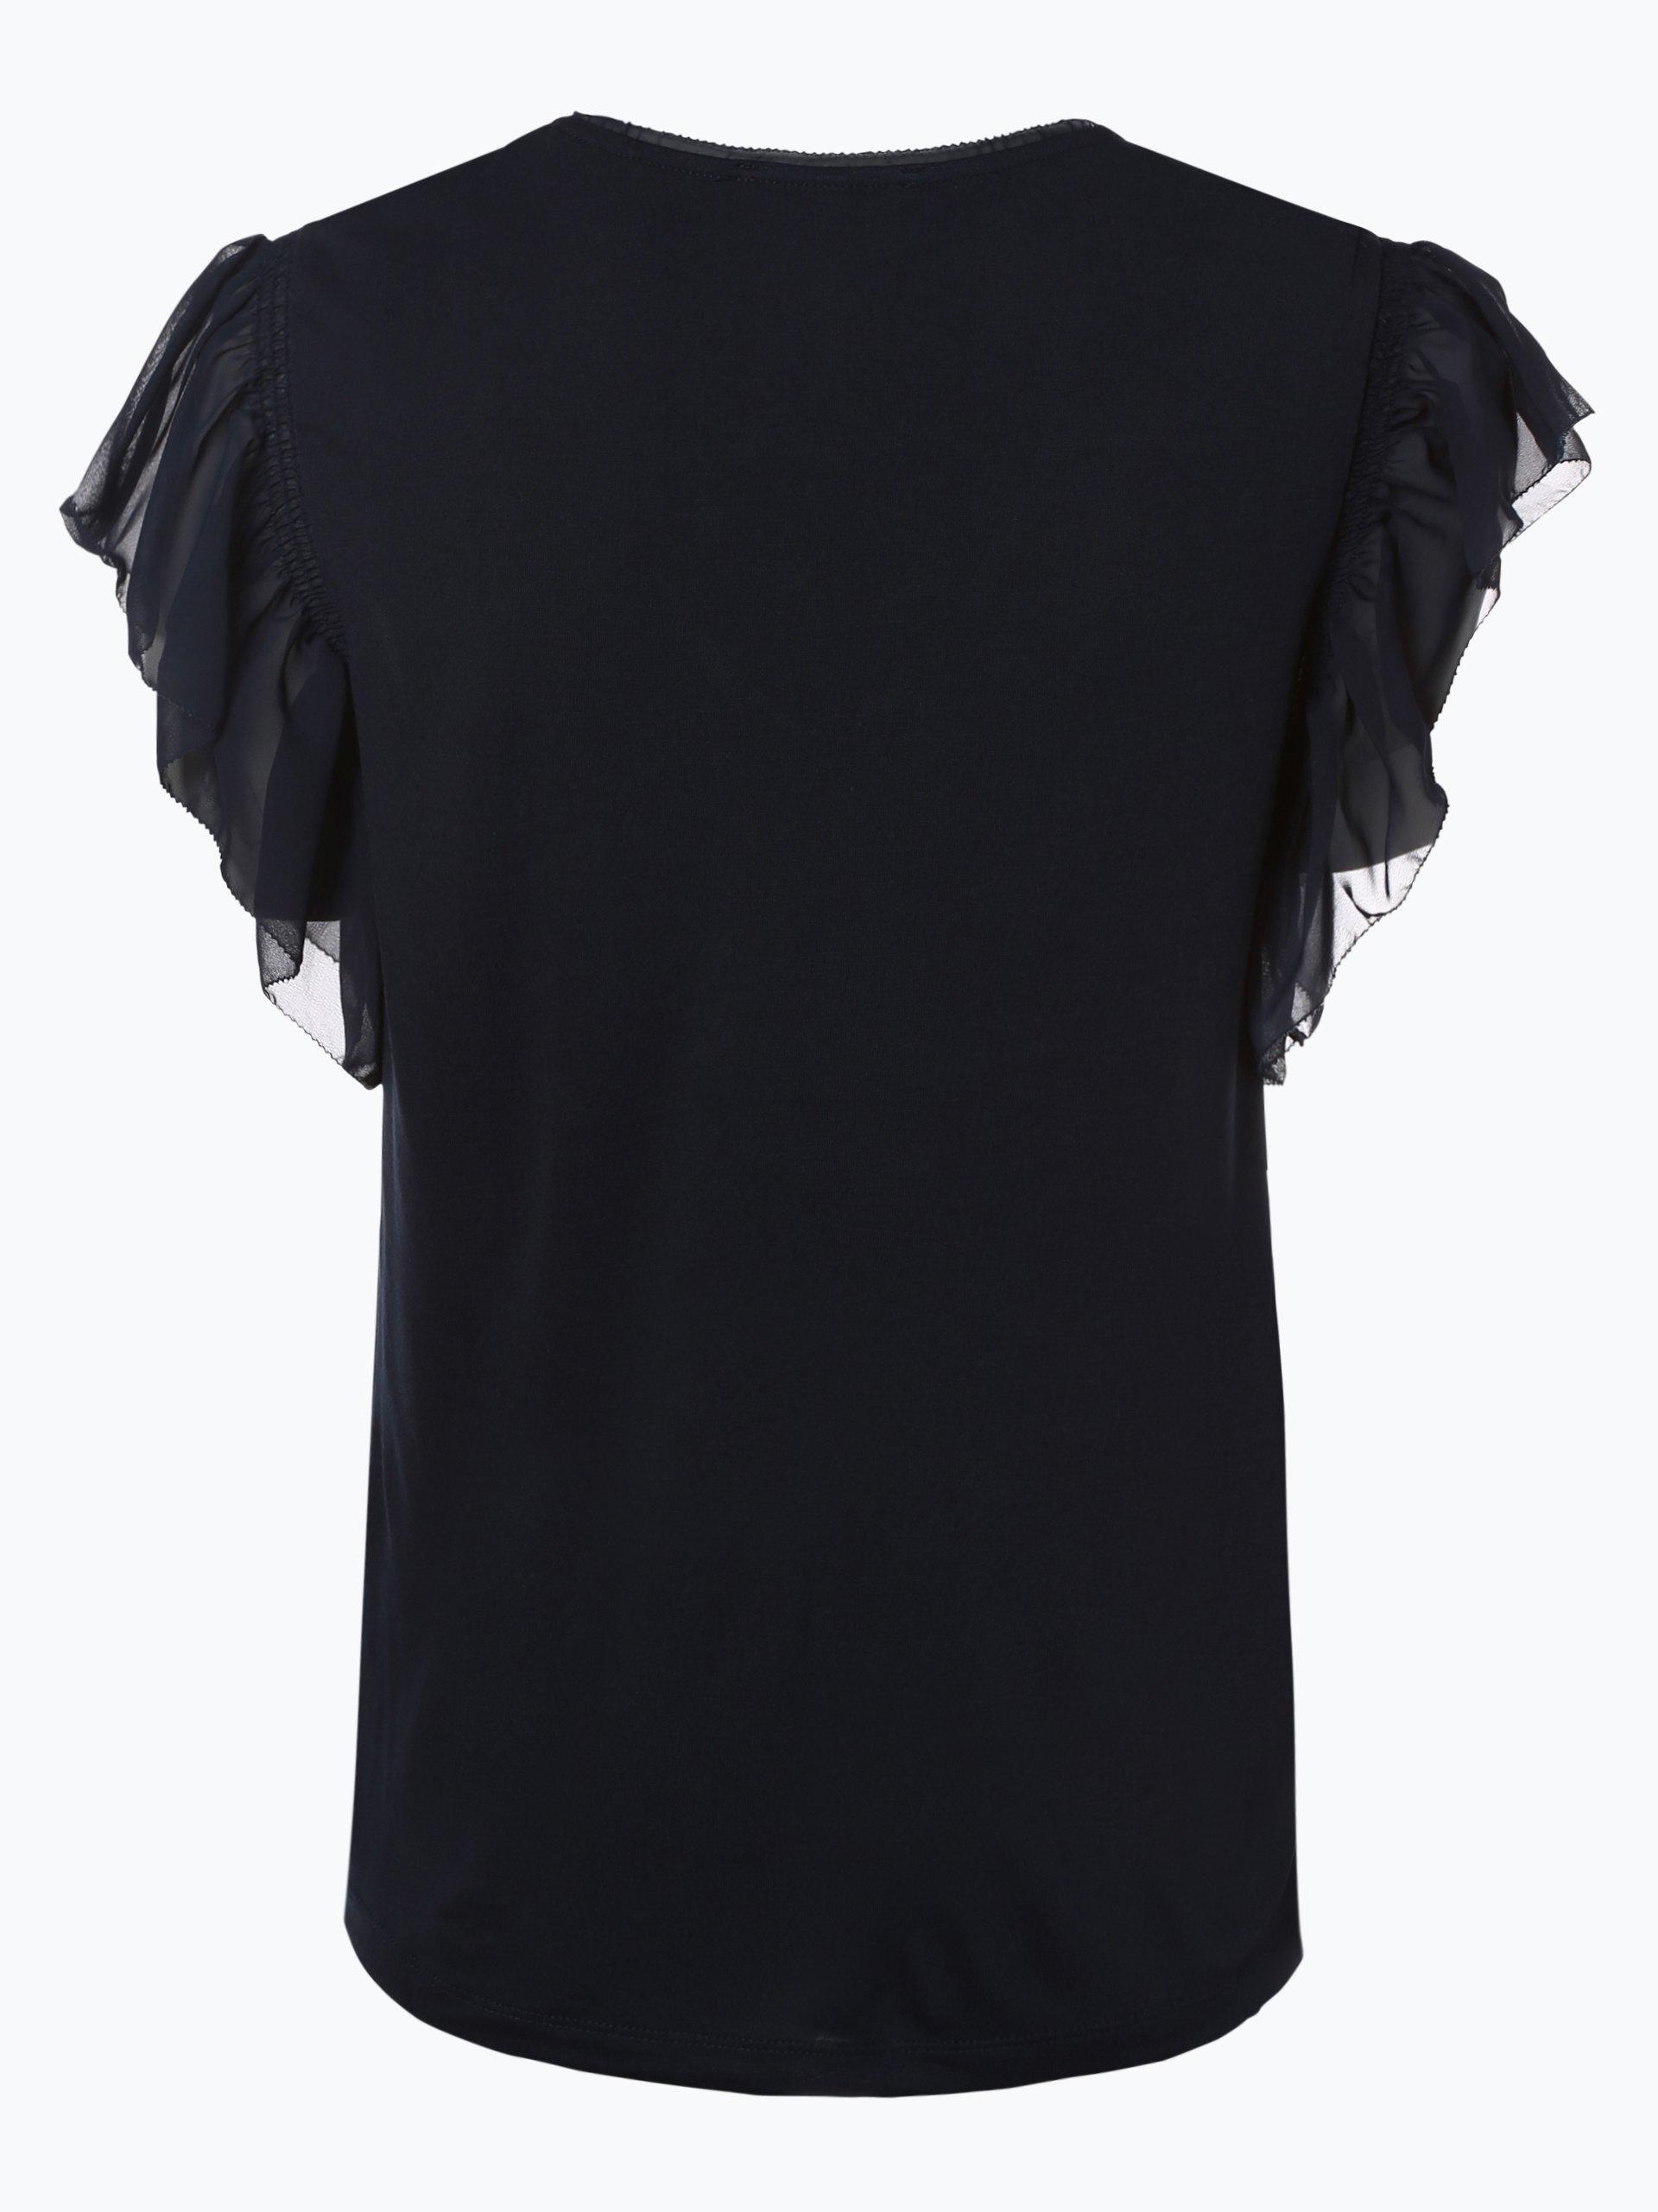 Pepe Jeans Damen T-Shirt - Auteuil